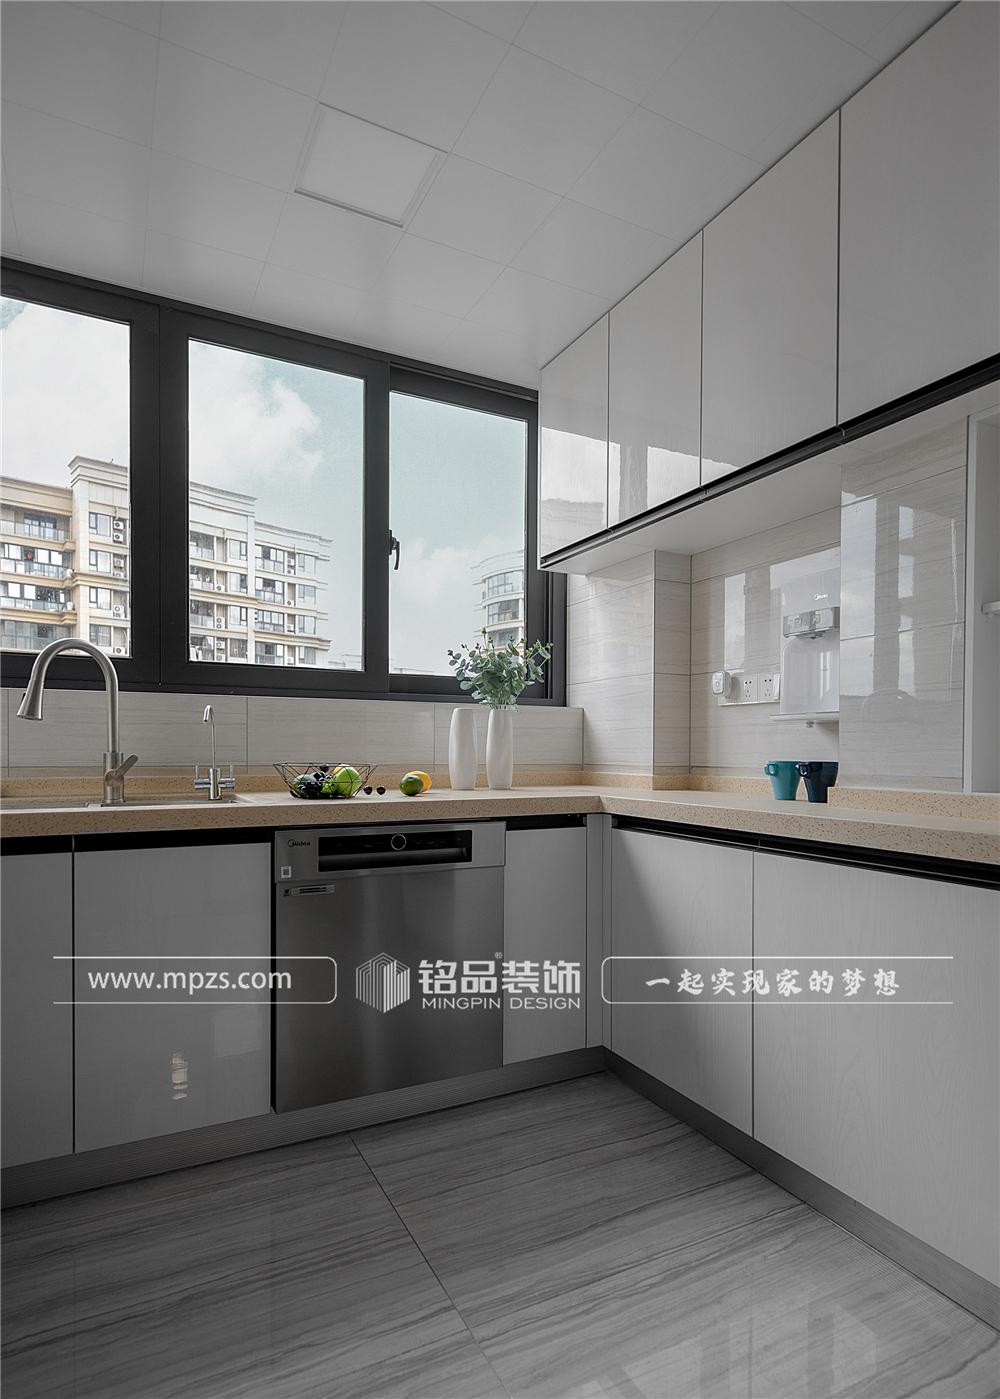 杭州140平方米北欧风格三室两厅公寓装修案例_效果图 (4)